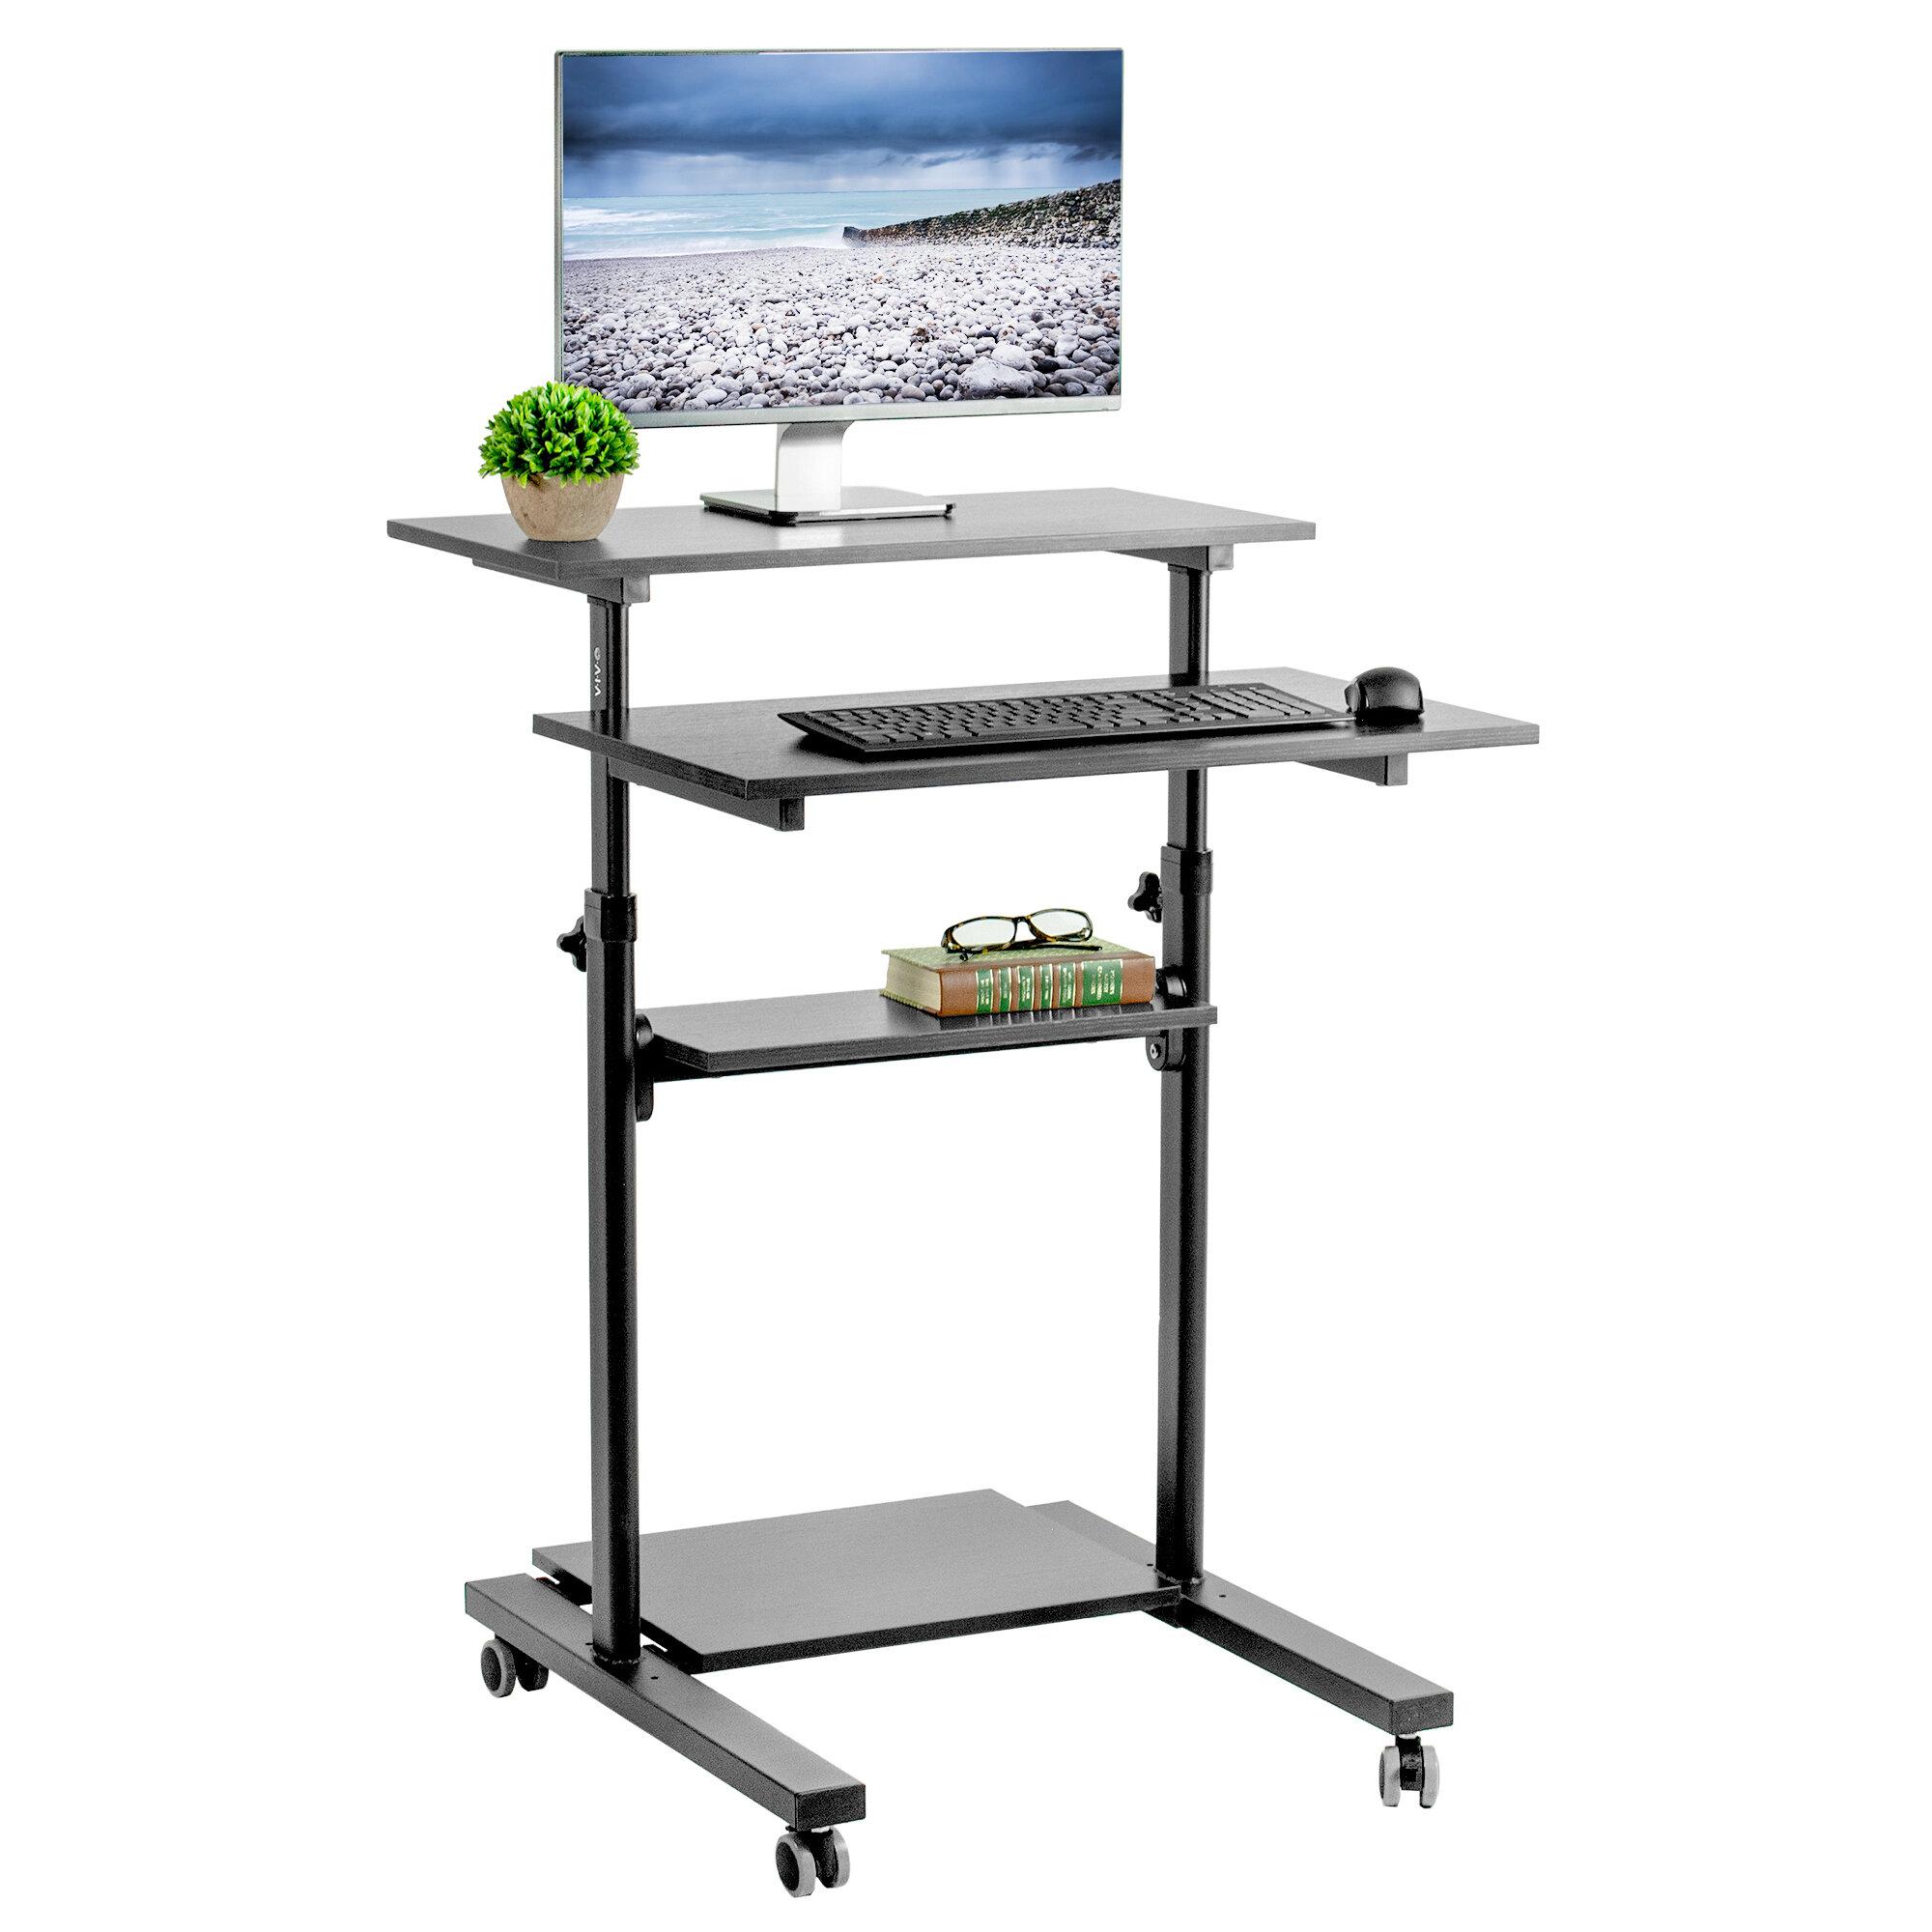 Vivo Mobile Stand Up Workstation Presentation Adjustable Laptop Cart Reviews Wayfair